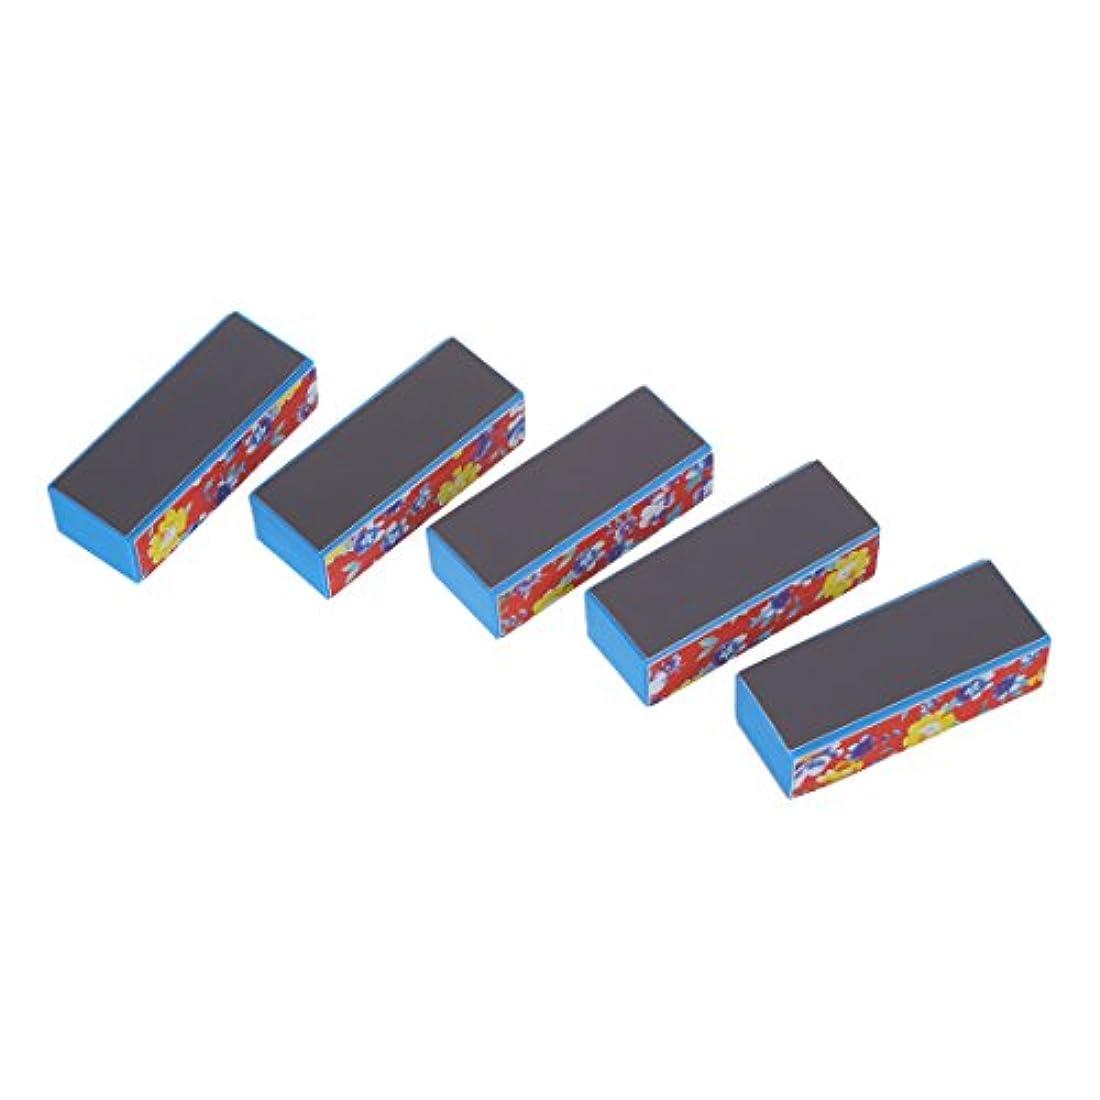 分析的遷移詩Vaorwne 5ブロック-ファイルバッファ4サイド ネイルアートマニキュア